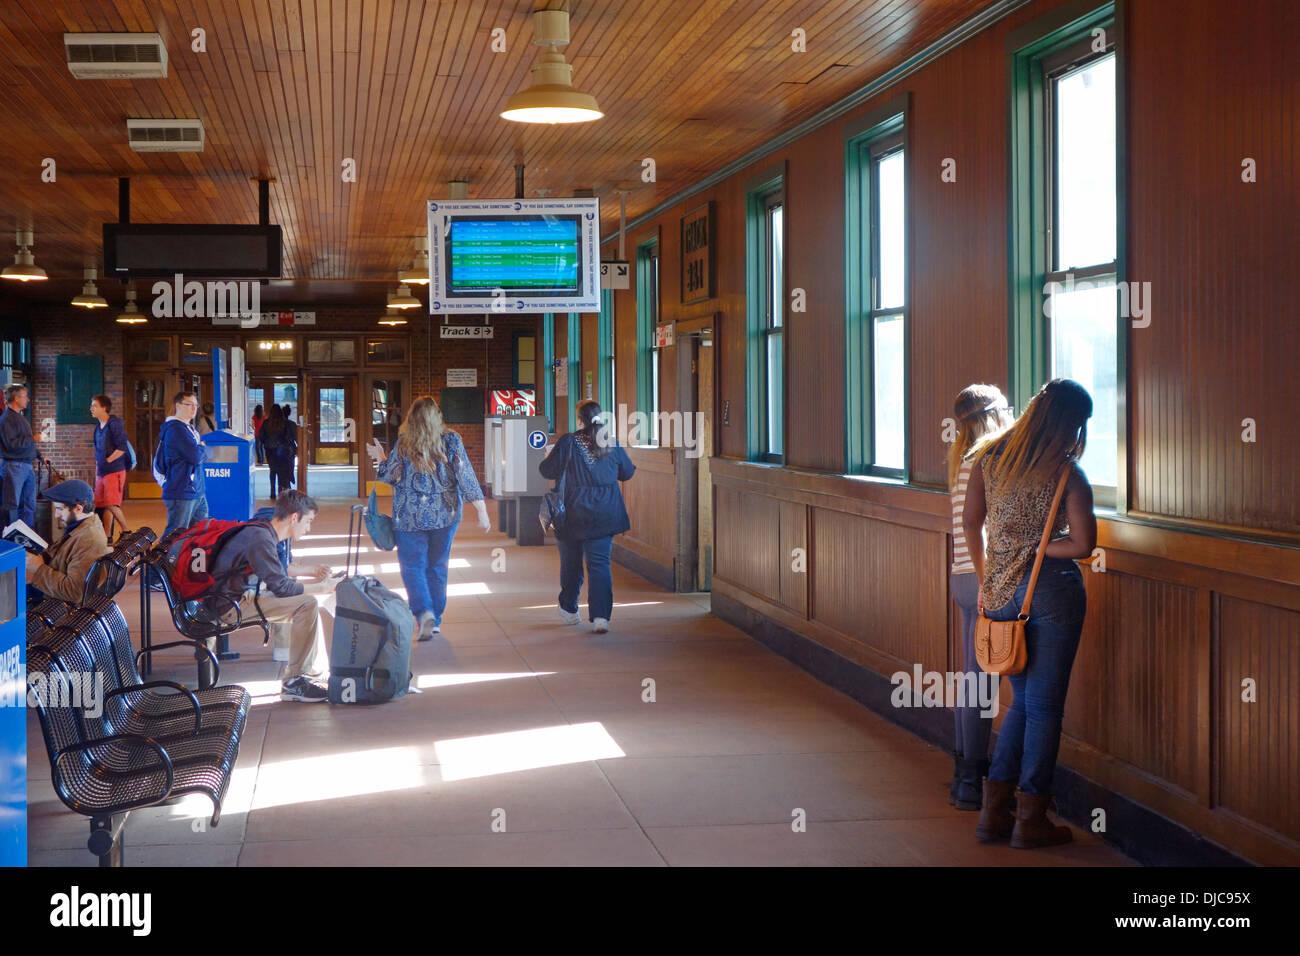 Exterior: Poughkeepsie New York Metro-North Railroad Station Stock